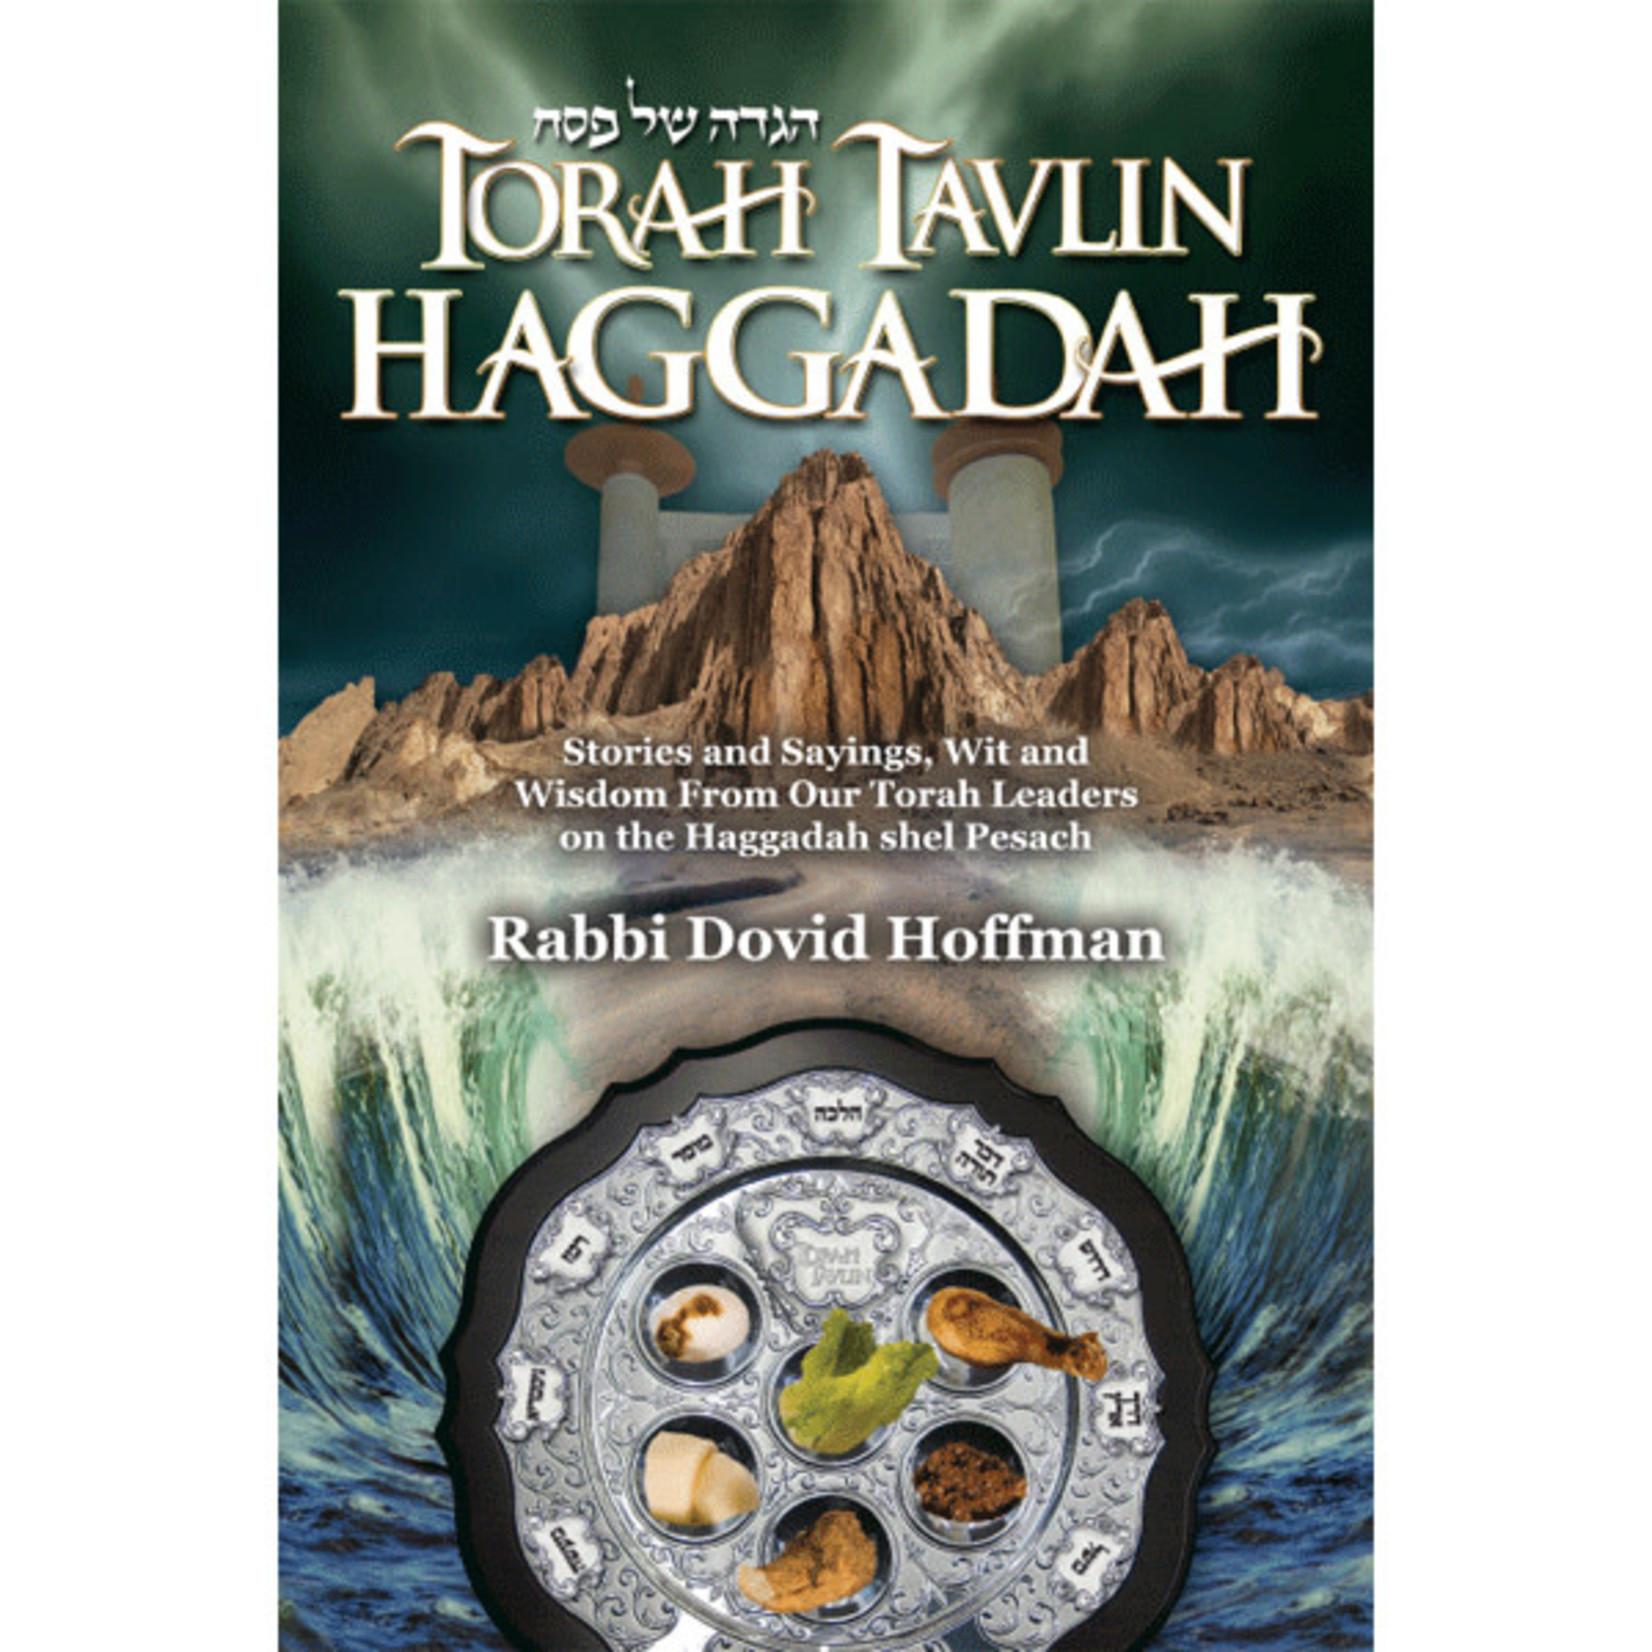 Torah Tavlin Haggadah